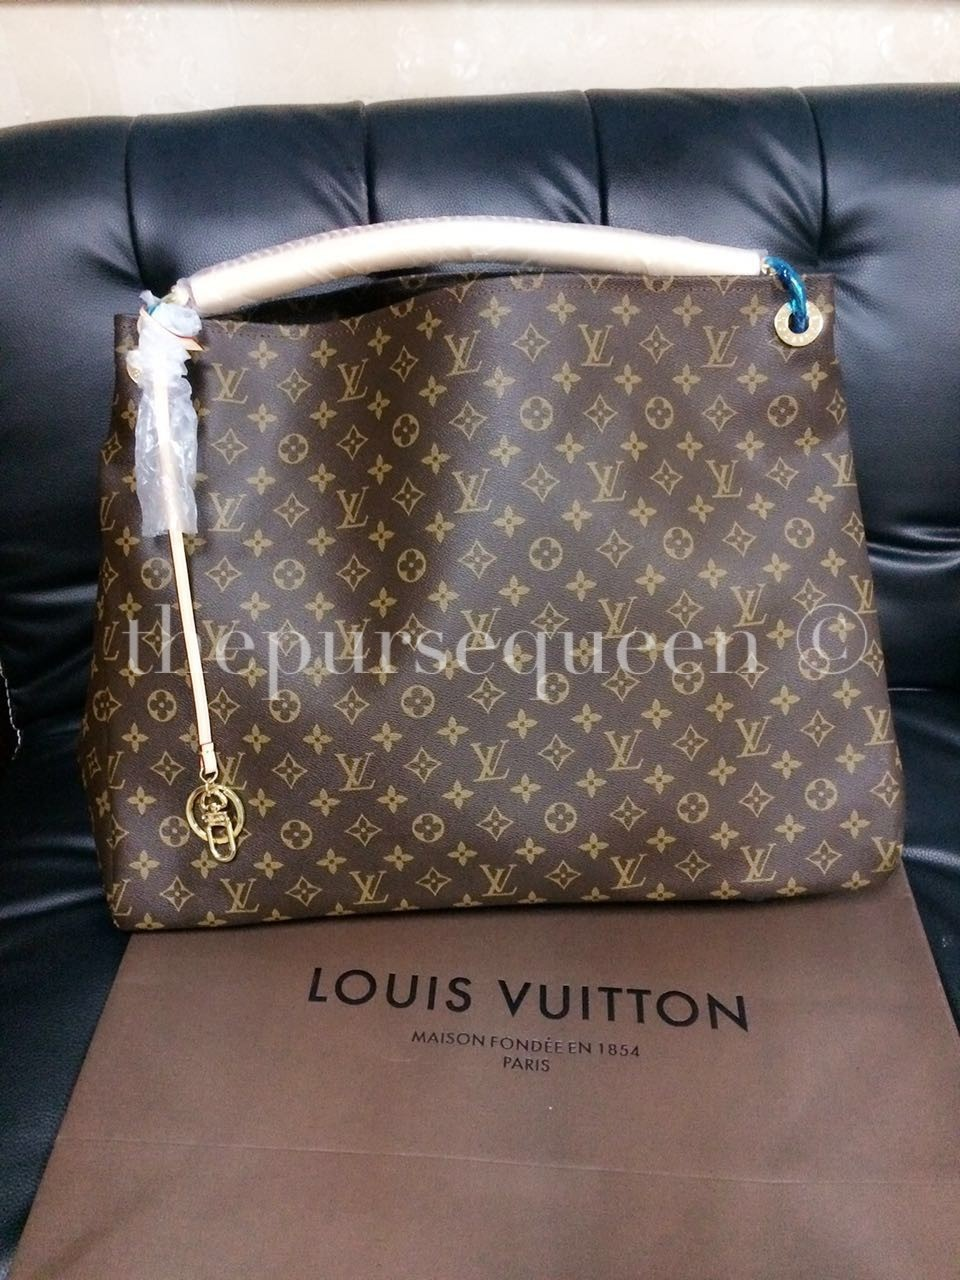 0c142fbdc138 Louis Vuitton Artsy MM Monogram Canvas Replica Review - Authentic ...